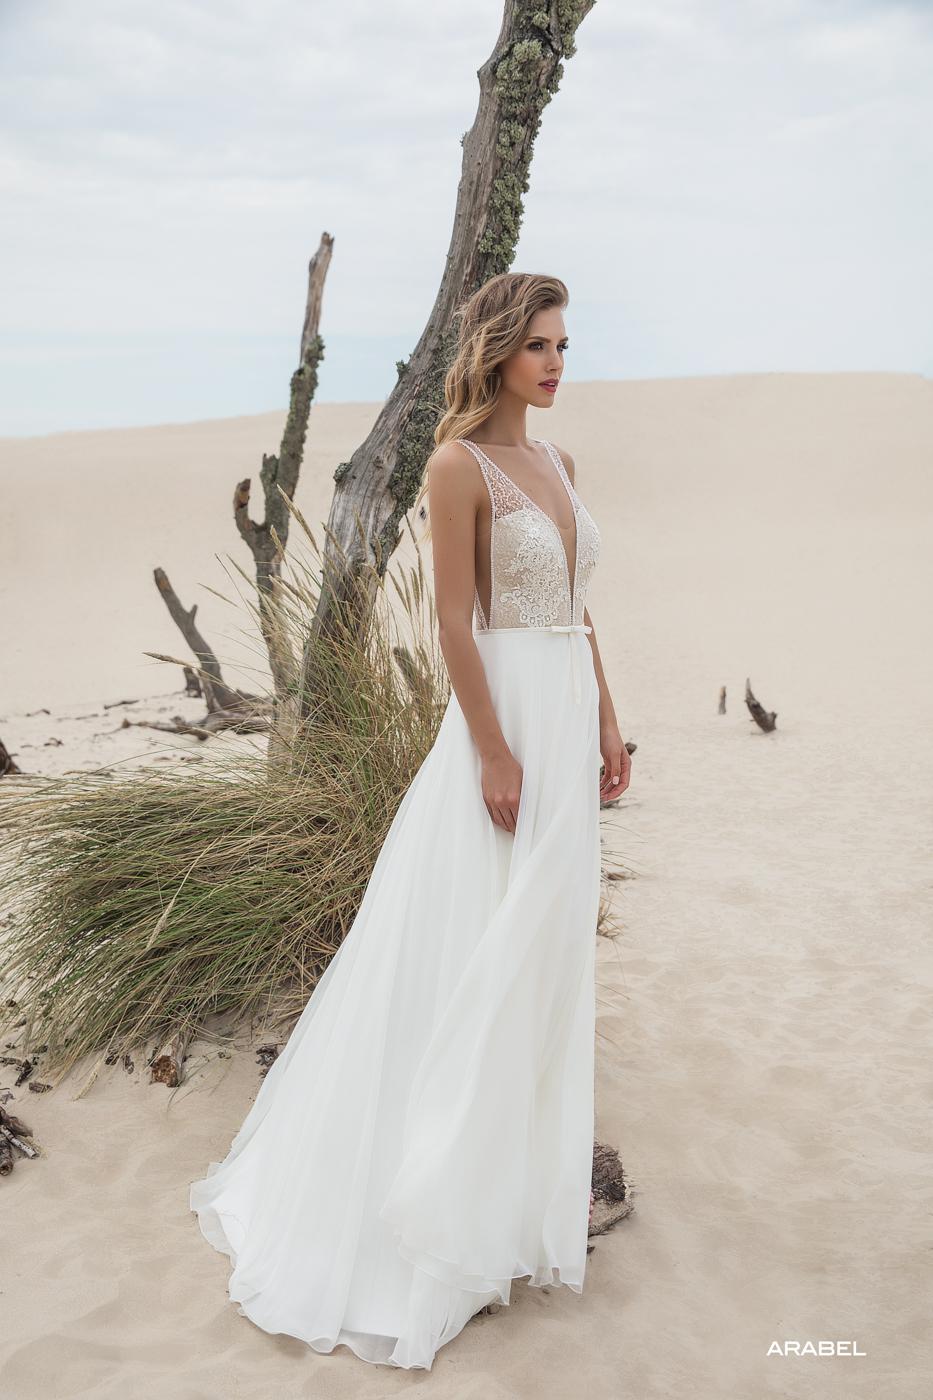 ee6088a73822b57 Салон Le Rina предлагает актуальные модели хорошего качества свадебных и  вечерних платьев. Мастера вместе с клиентом подготовят индивидуальный  дизайн наряда ...